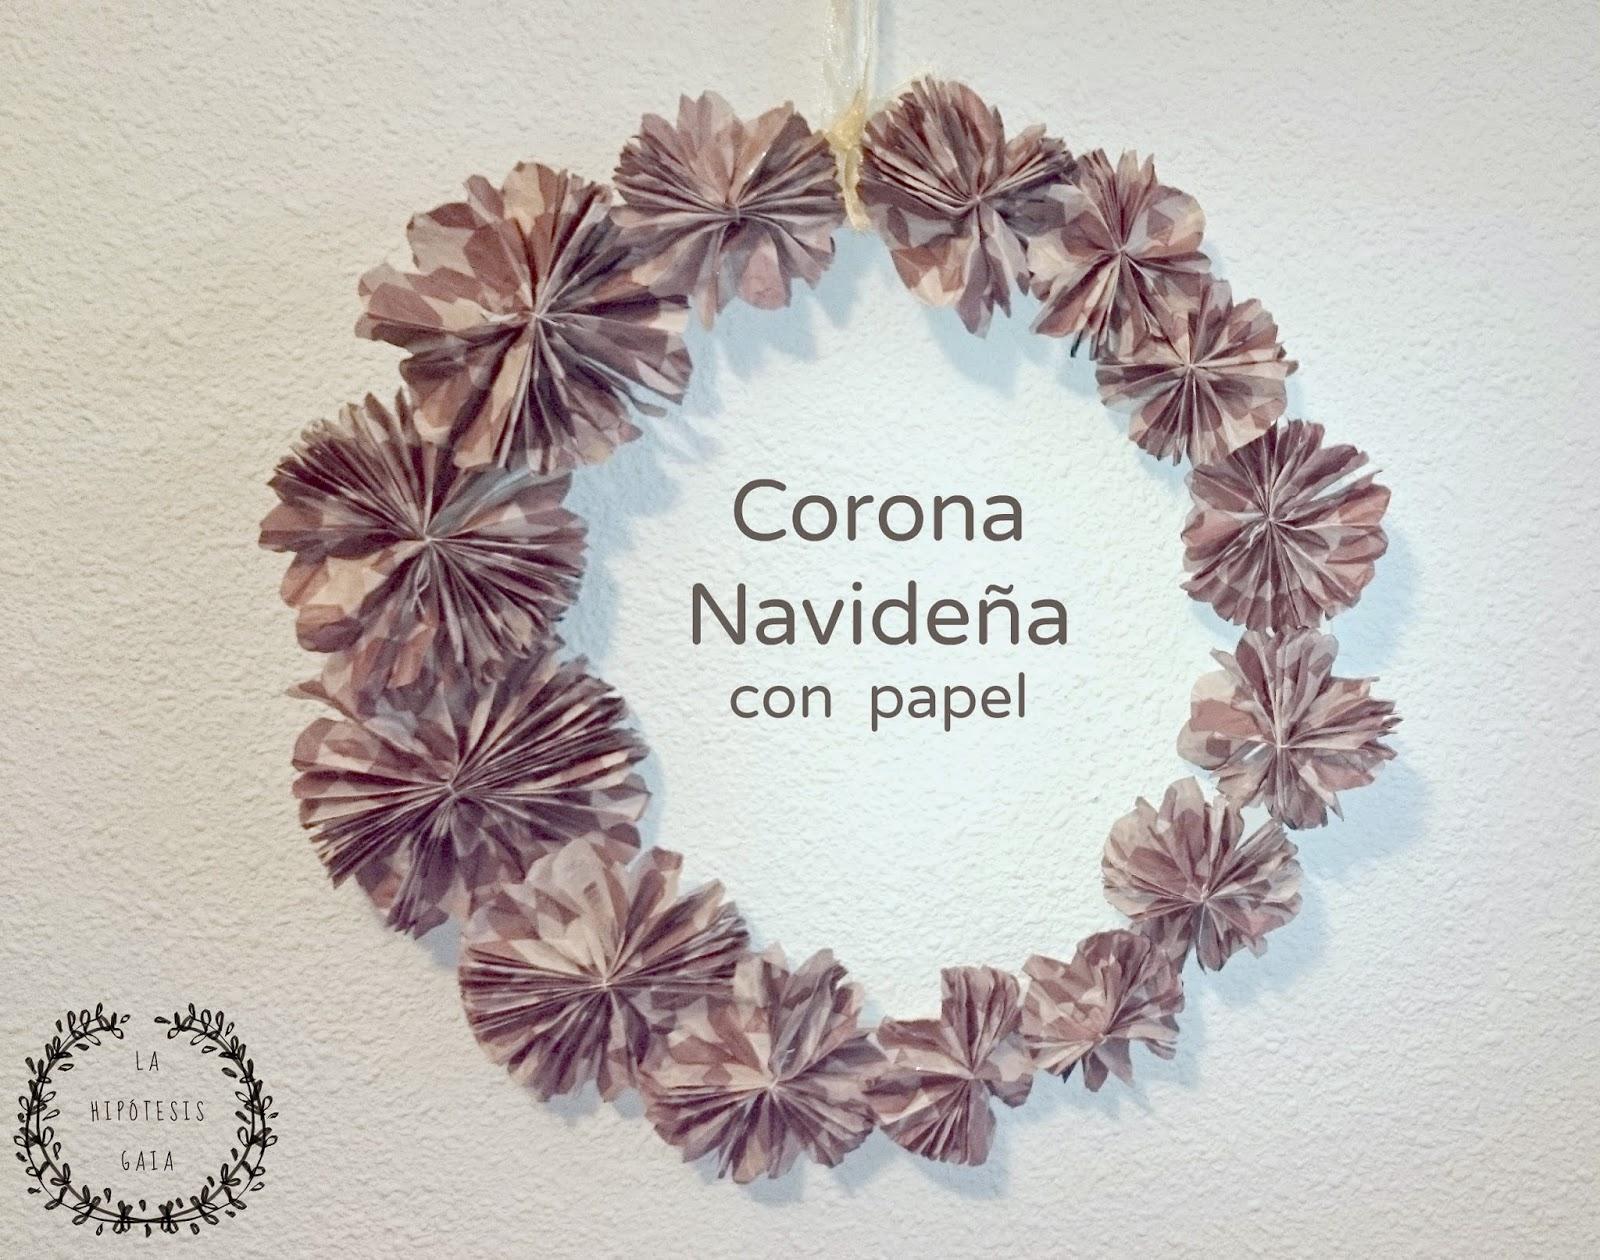 Corona navideña con papel